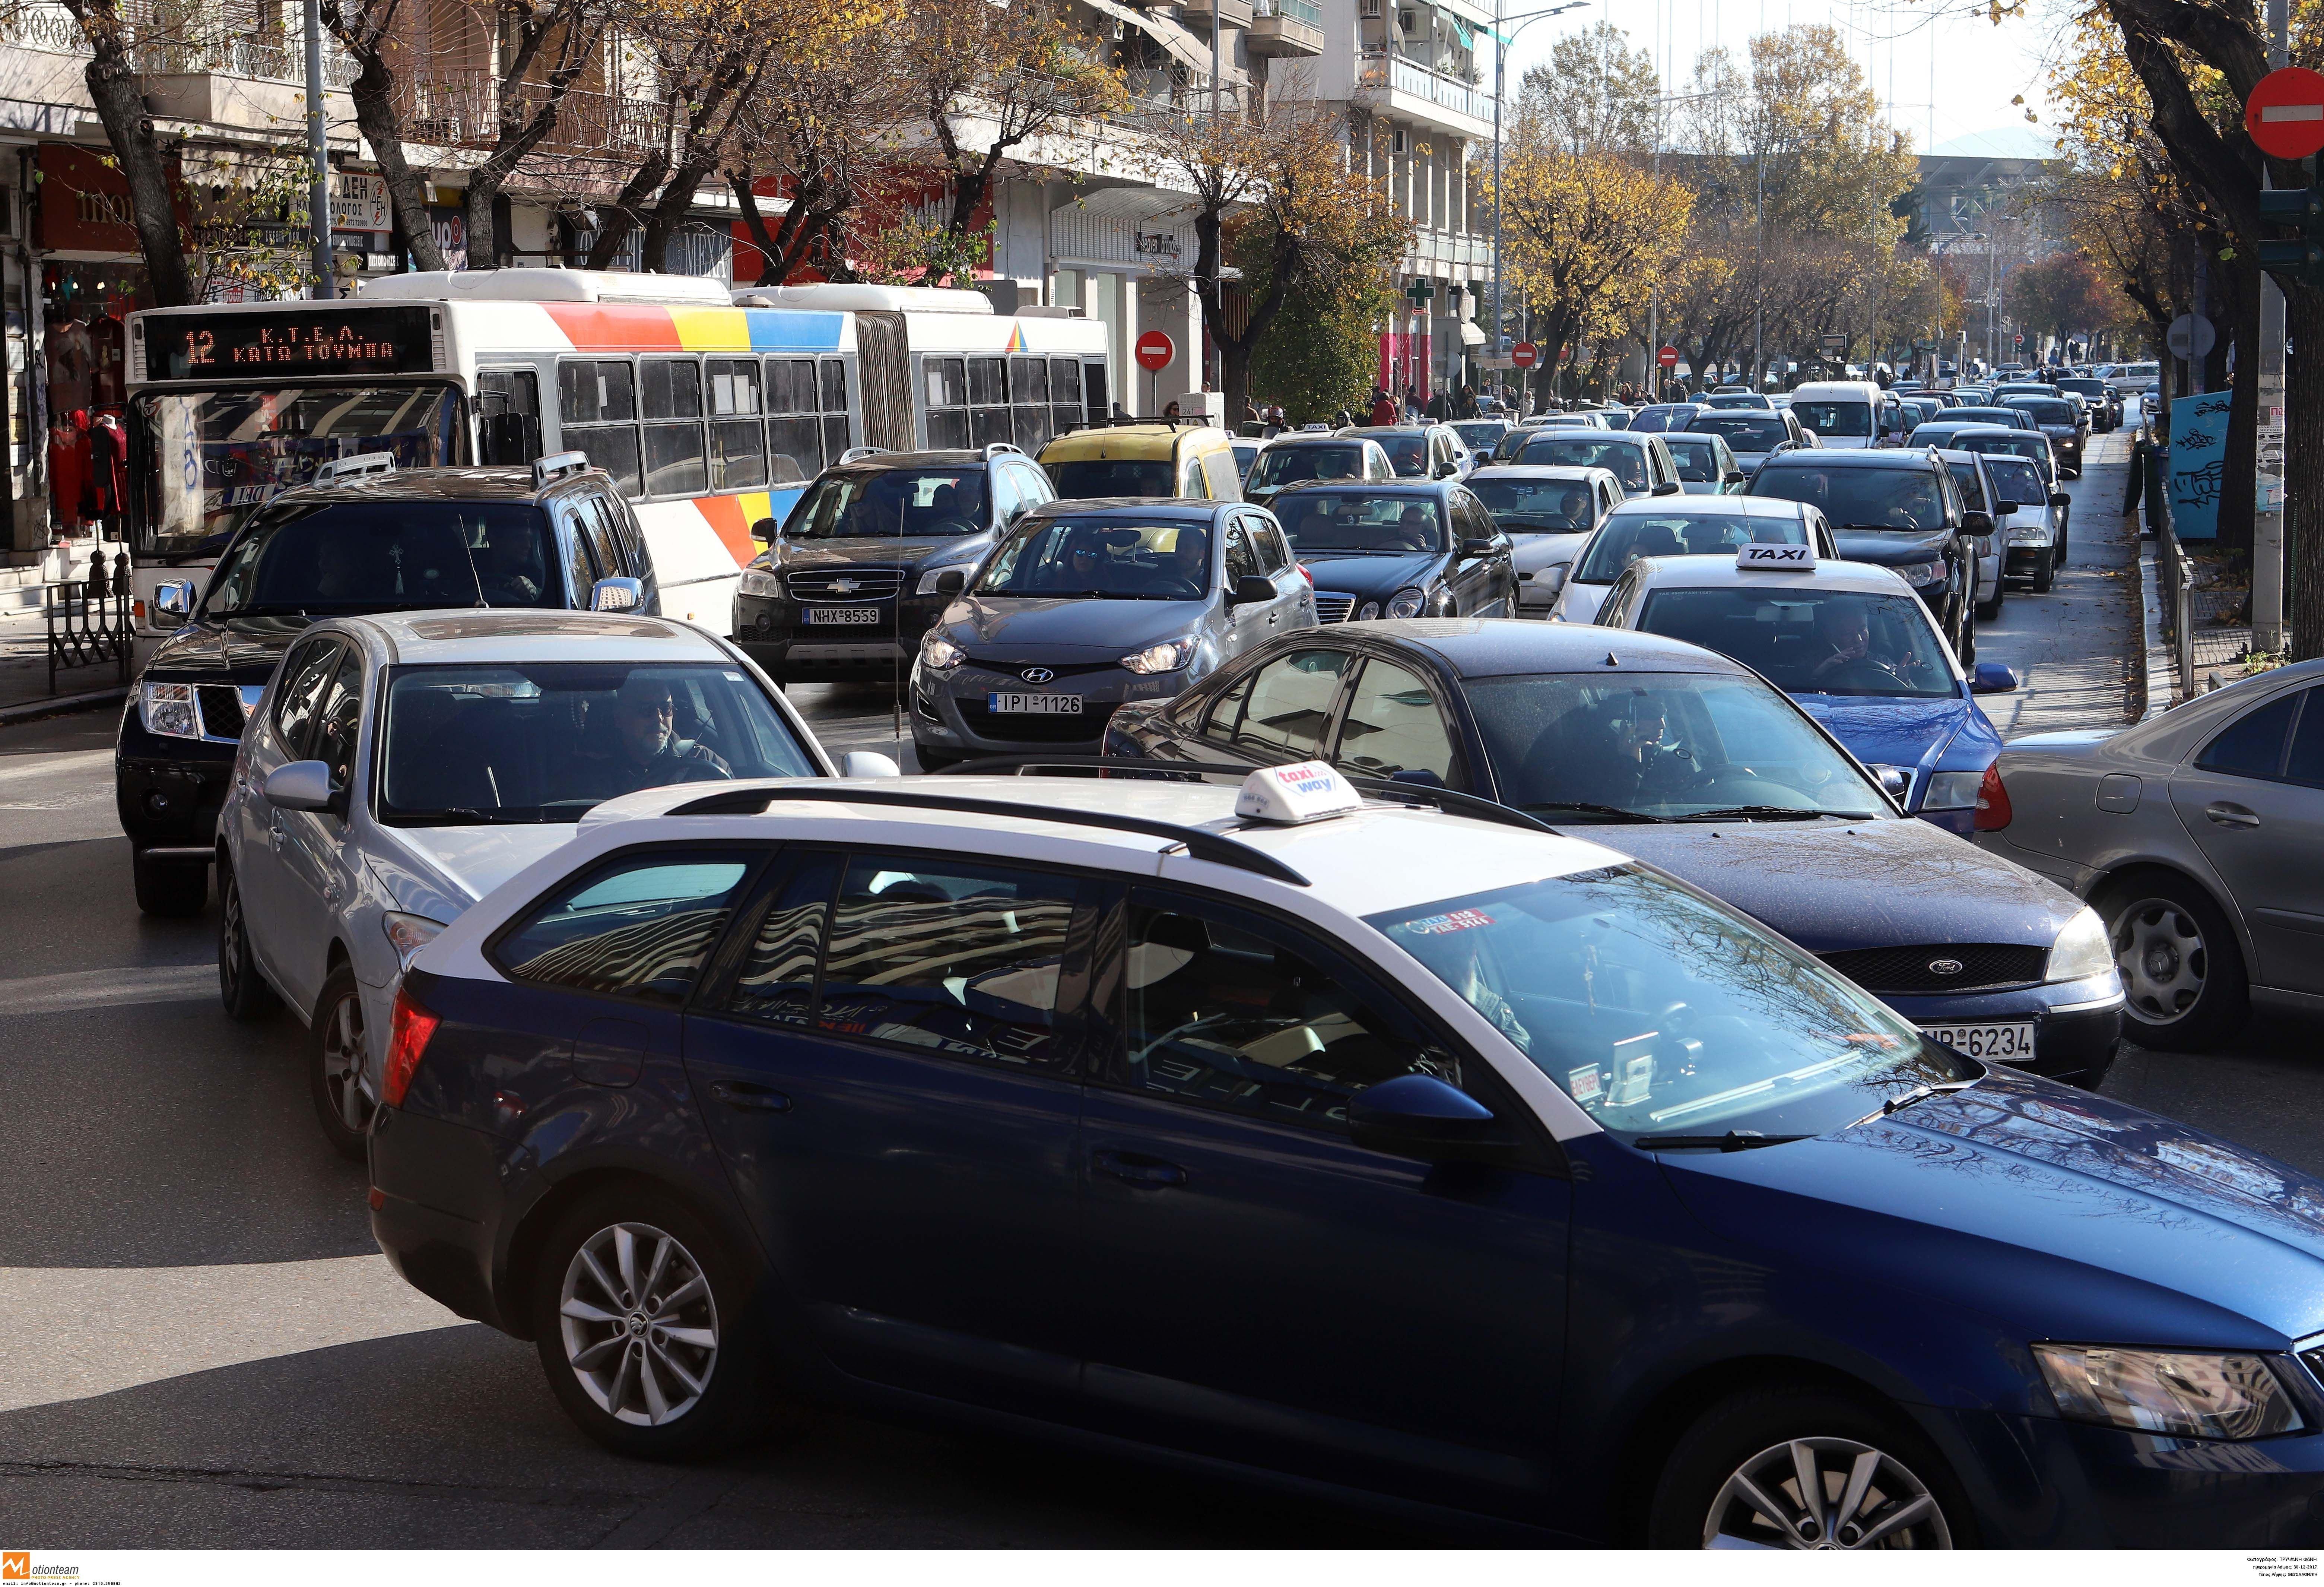 ΕΛΣΤΑΤ: Αύξηση 44,3% στις πωλήσεις καινούργιων και μεταχειρισμένων αυτοκινήτων τον Ιανουάριο